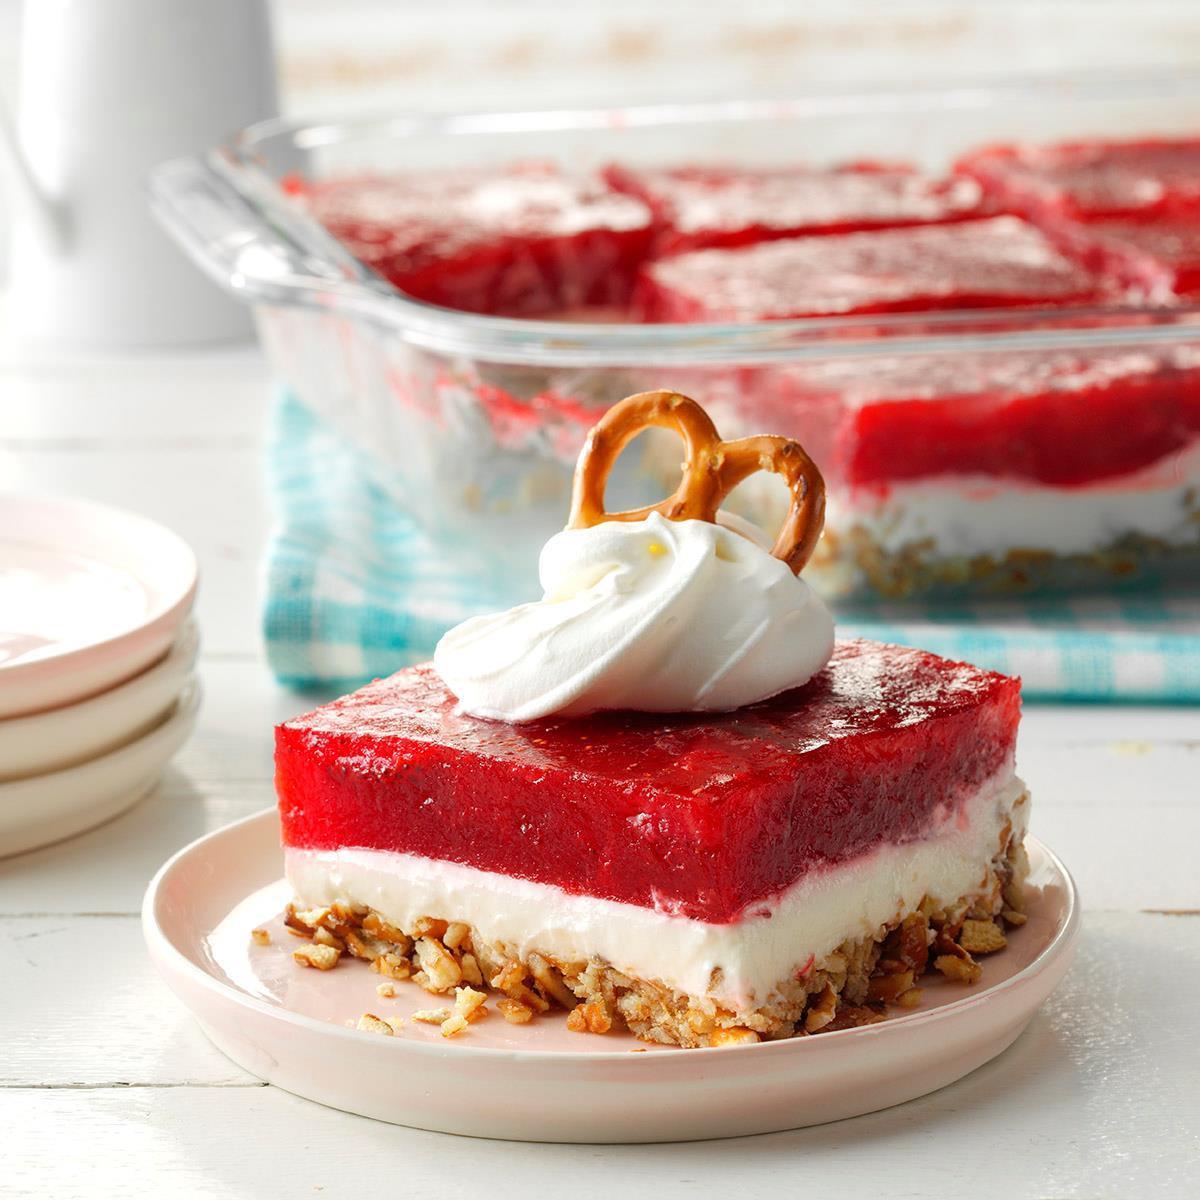 Taste Of Homes Desserts  Strawberry Pretzel Dessert Recipe